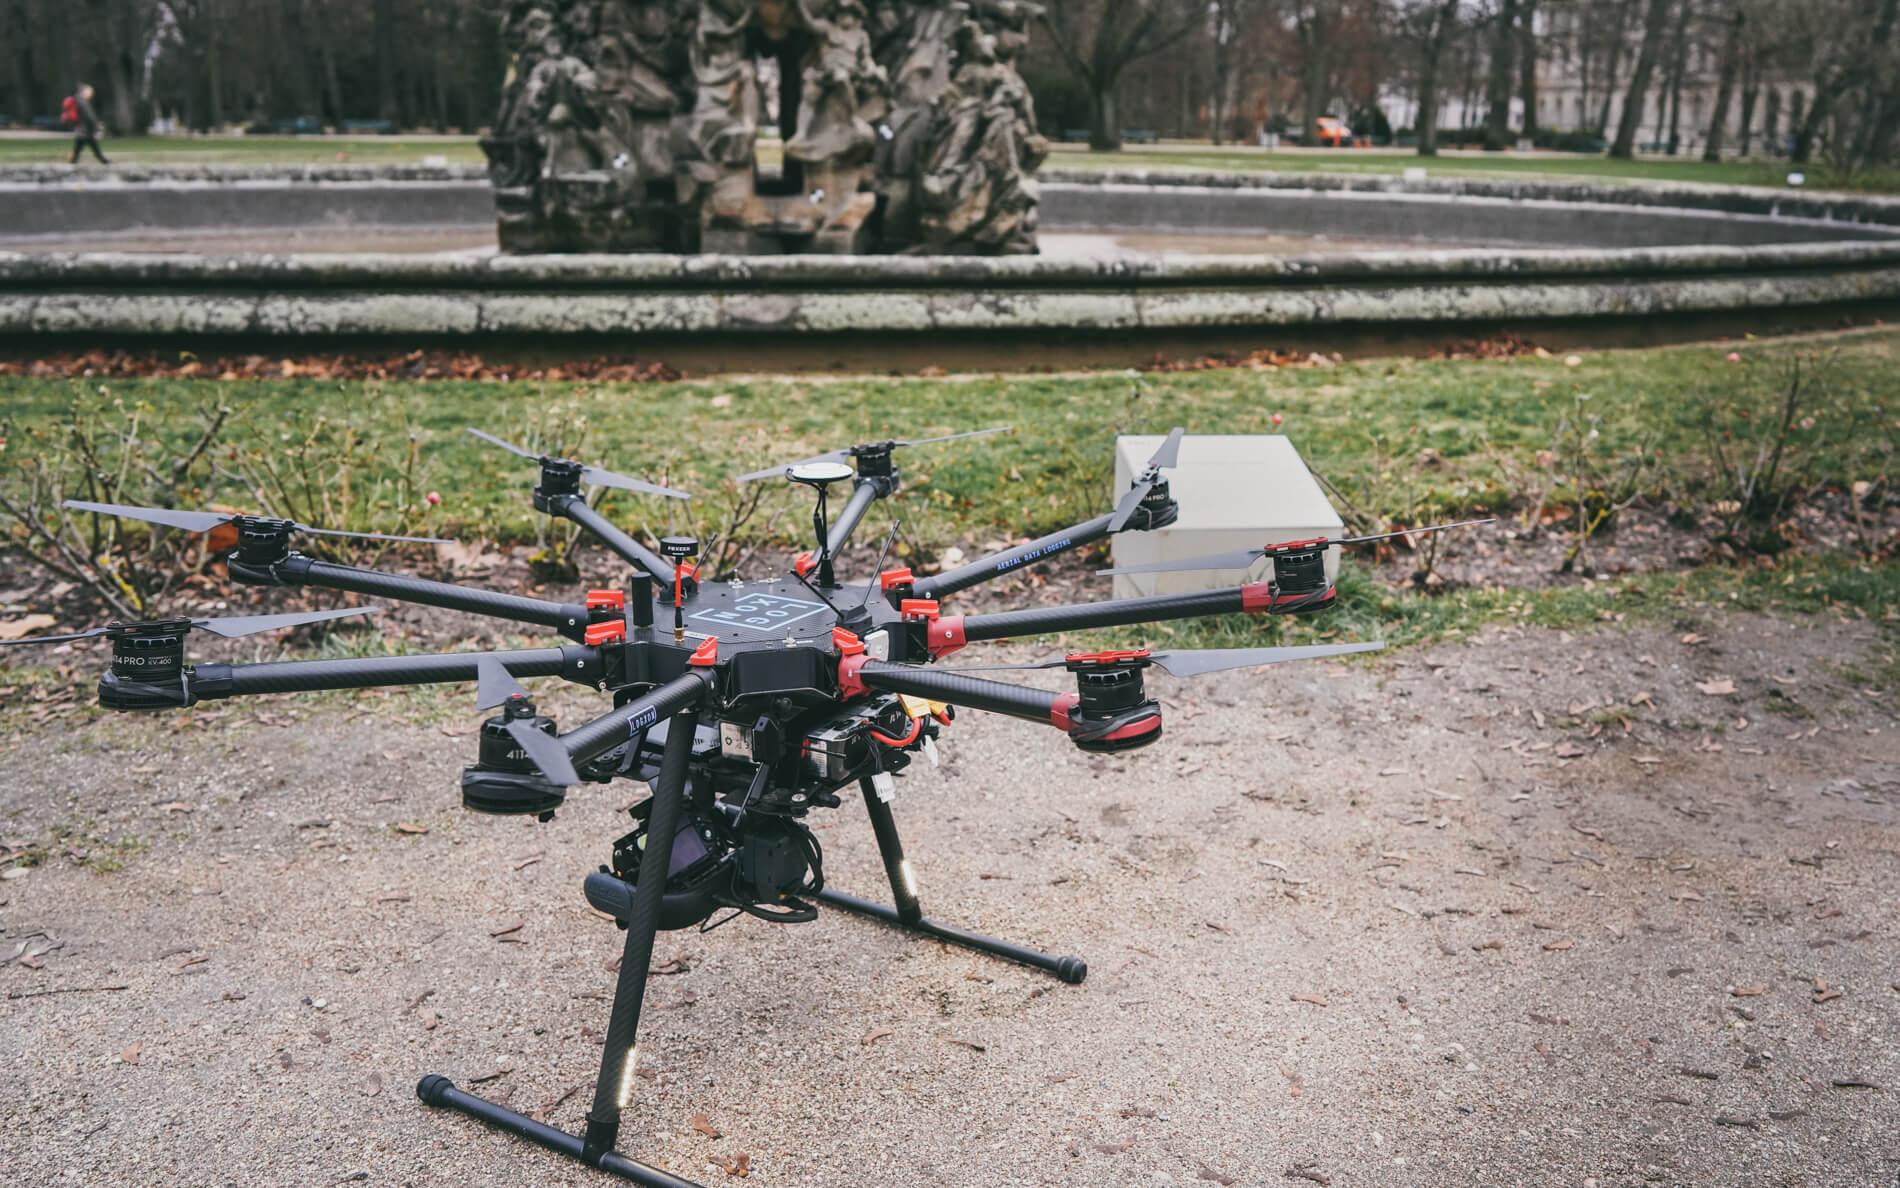 DJI-S1000-plus-photogrammetrie-Drohne-LOGXON-Hugenottenbrunnen-Erlangen-3D-Vermessung-Denkmalschutz-Drohne-terrestrischer-Photogrammetrie